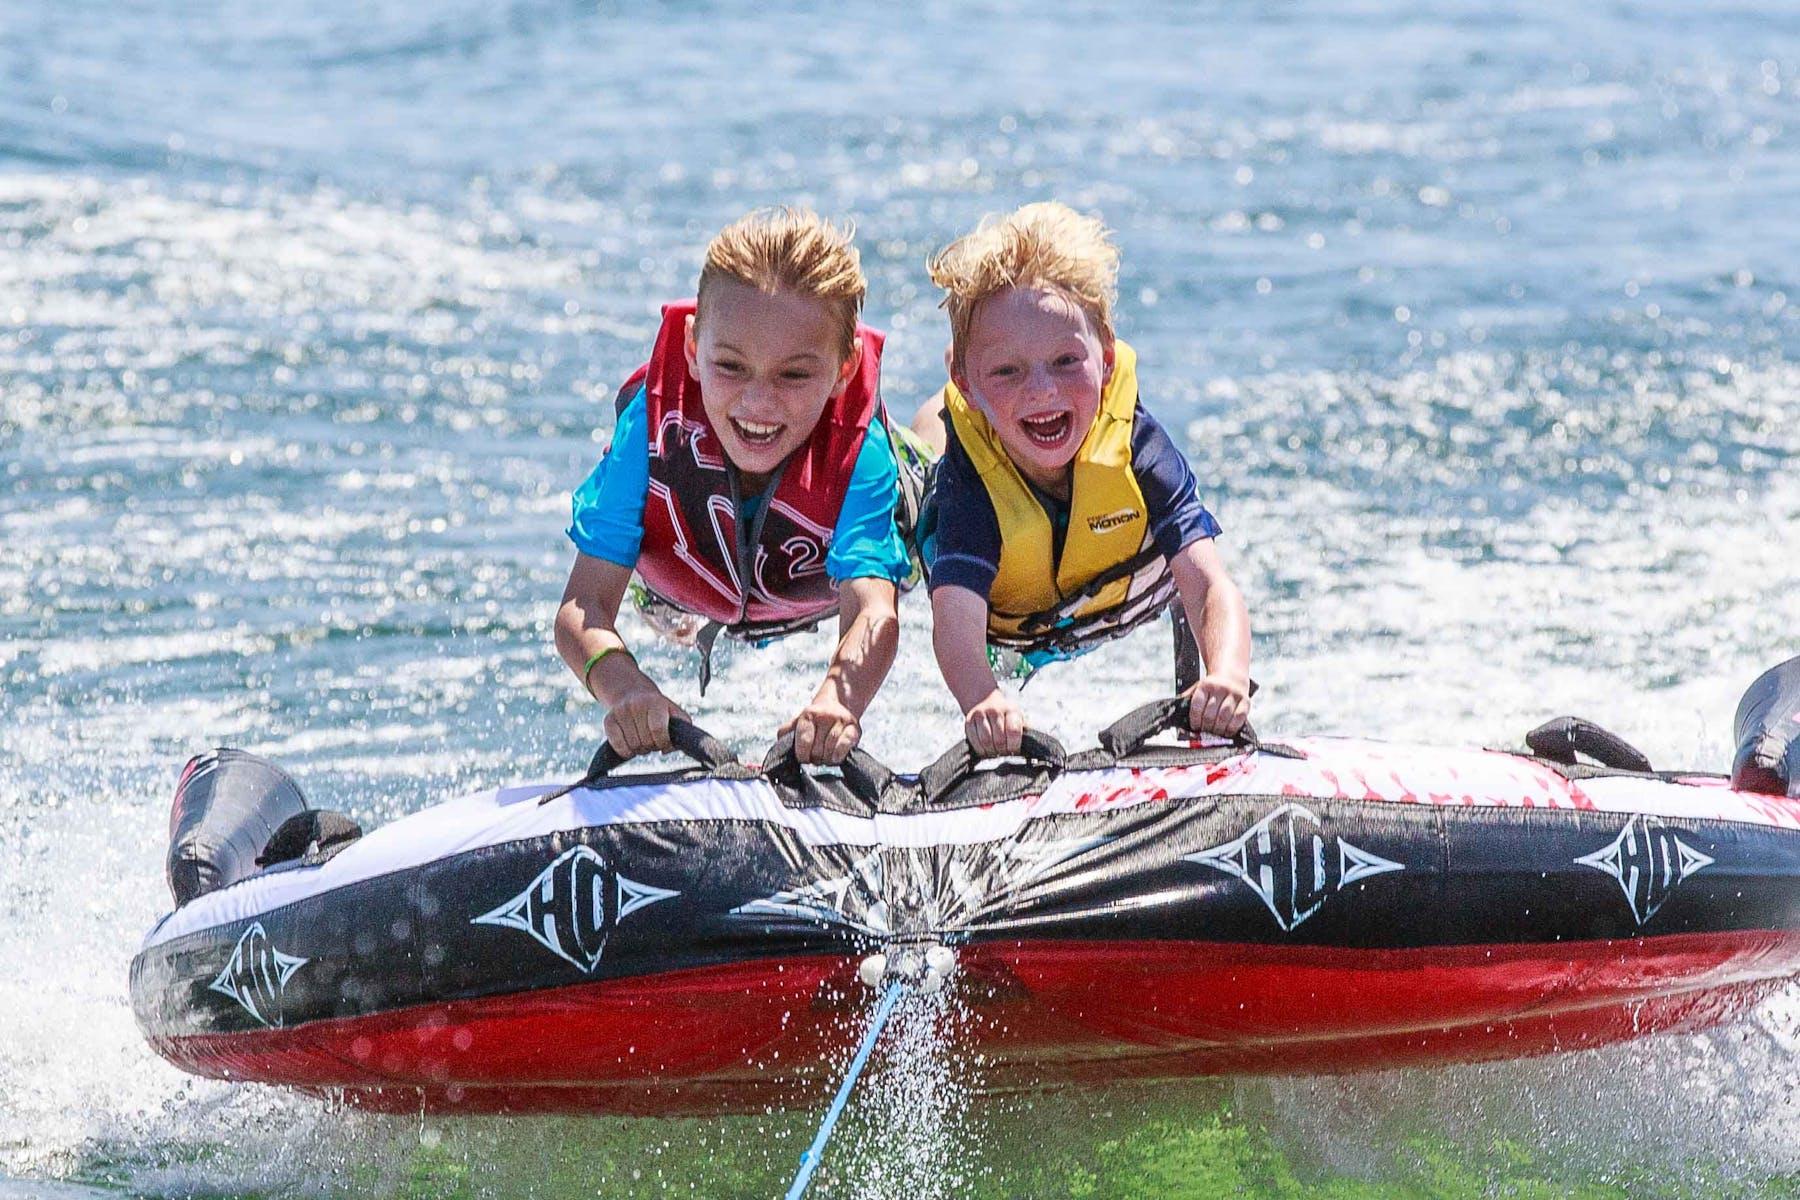 2 kids tubing on a lake